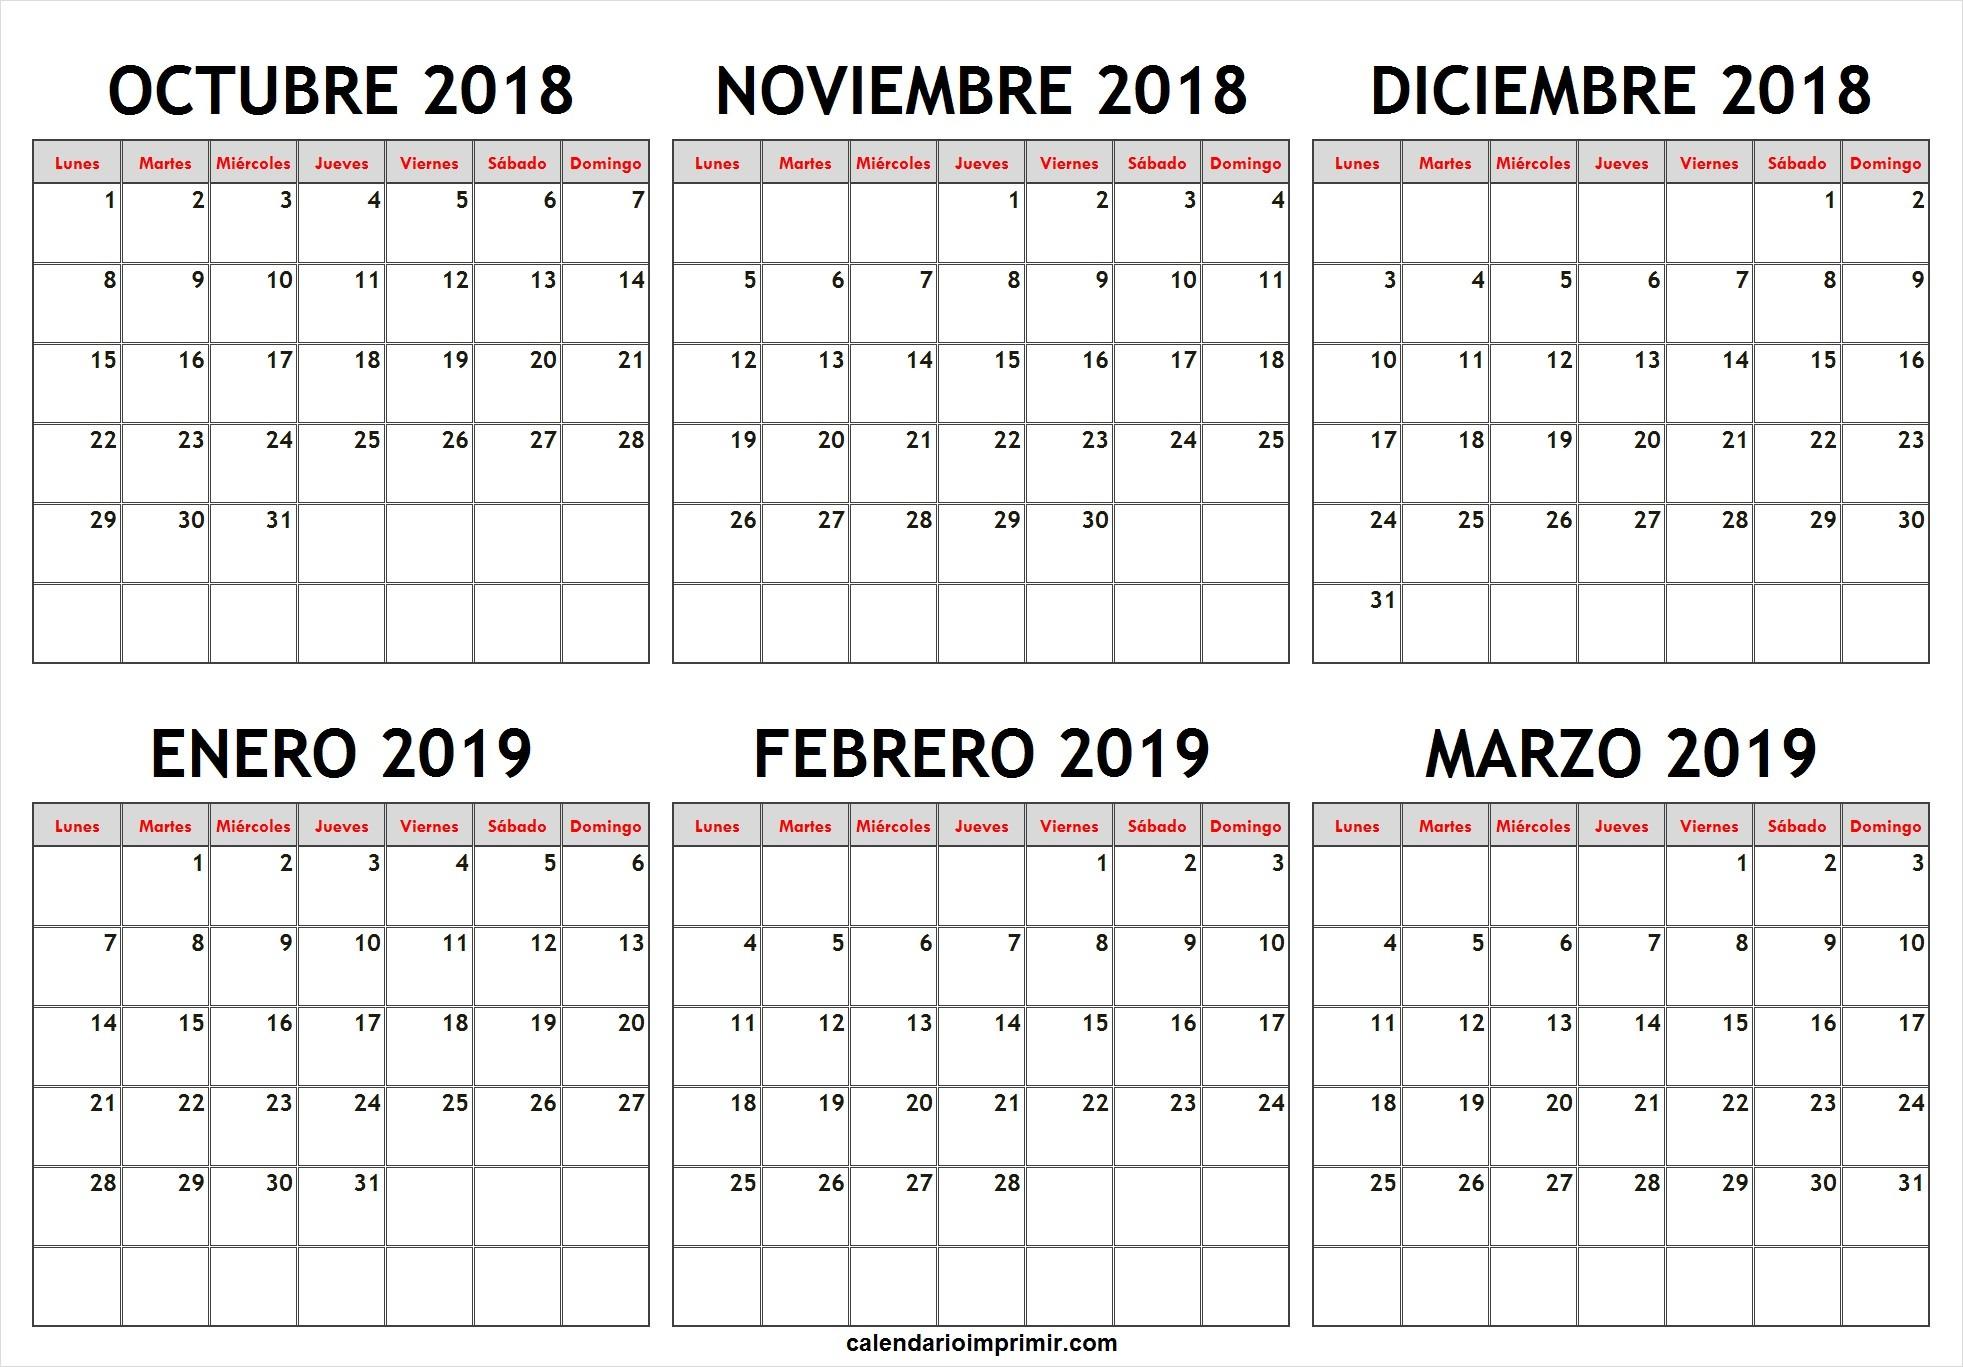 Calendario 2019 Colombia Almanaque 2020 Venezuela Más Recientes Calendario Febrero 2019 63ld Calendario Calendar March